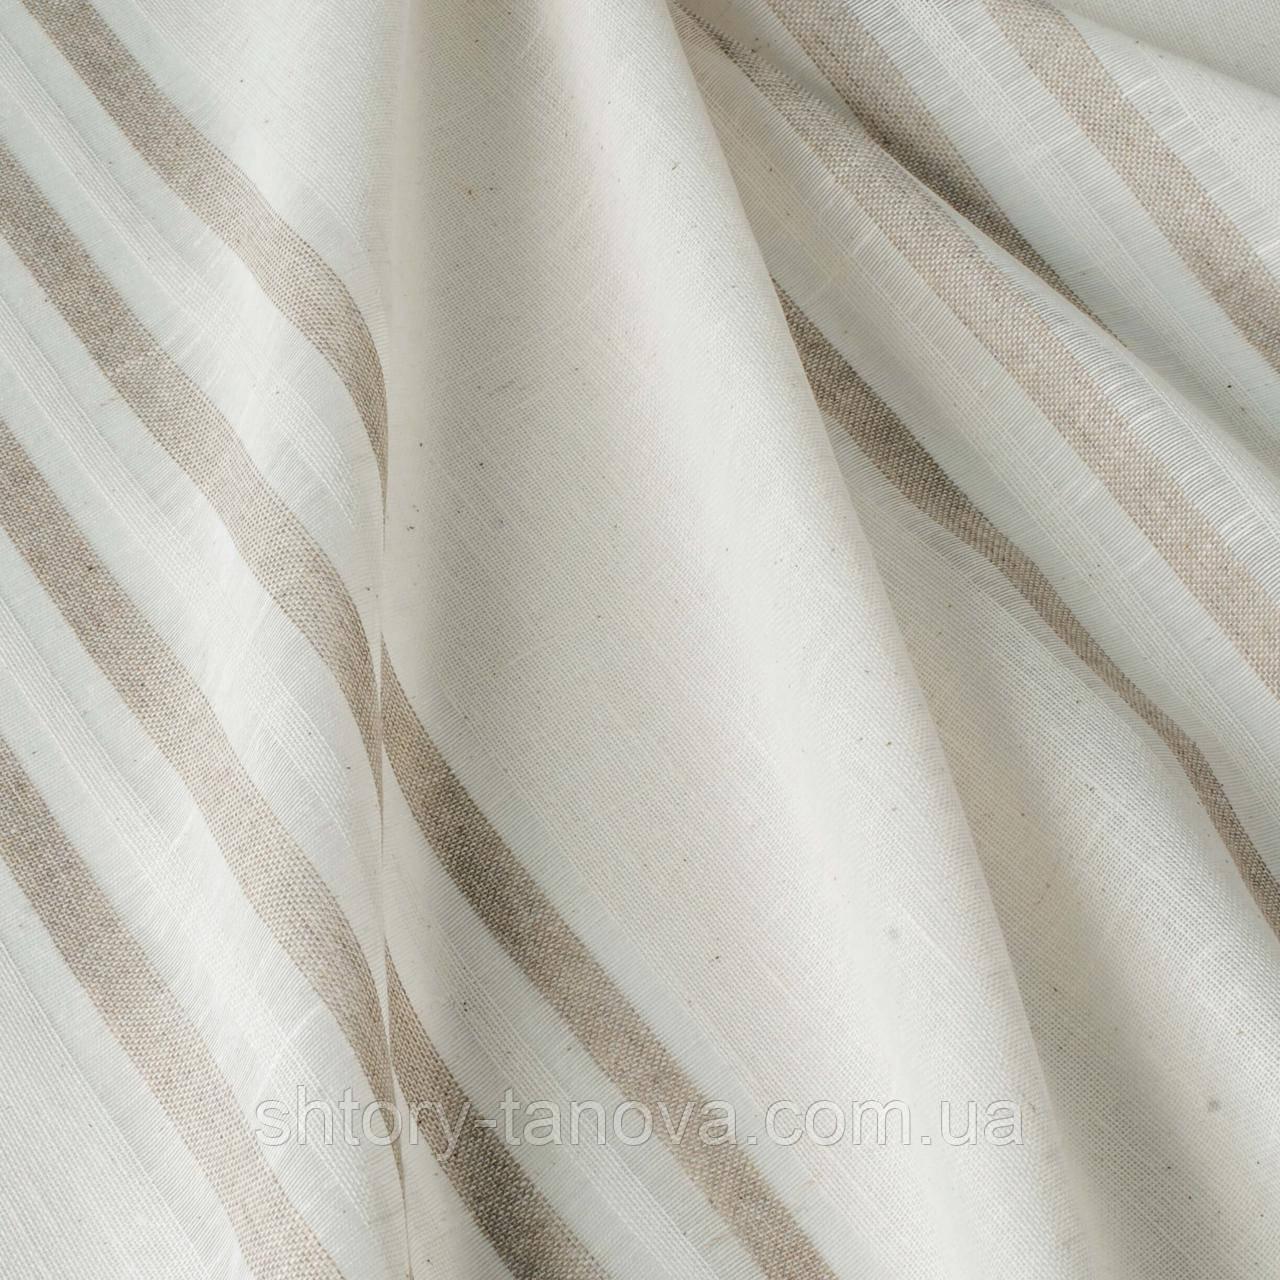 Тюль в бежевую полоску на белом фоне